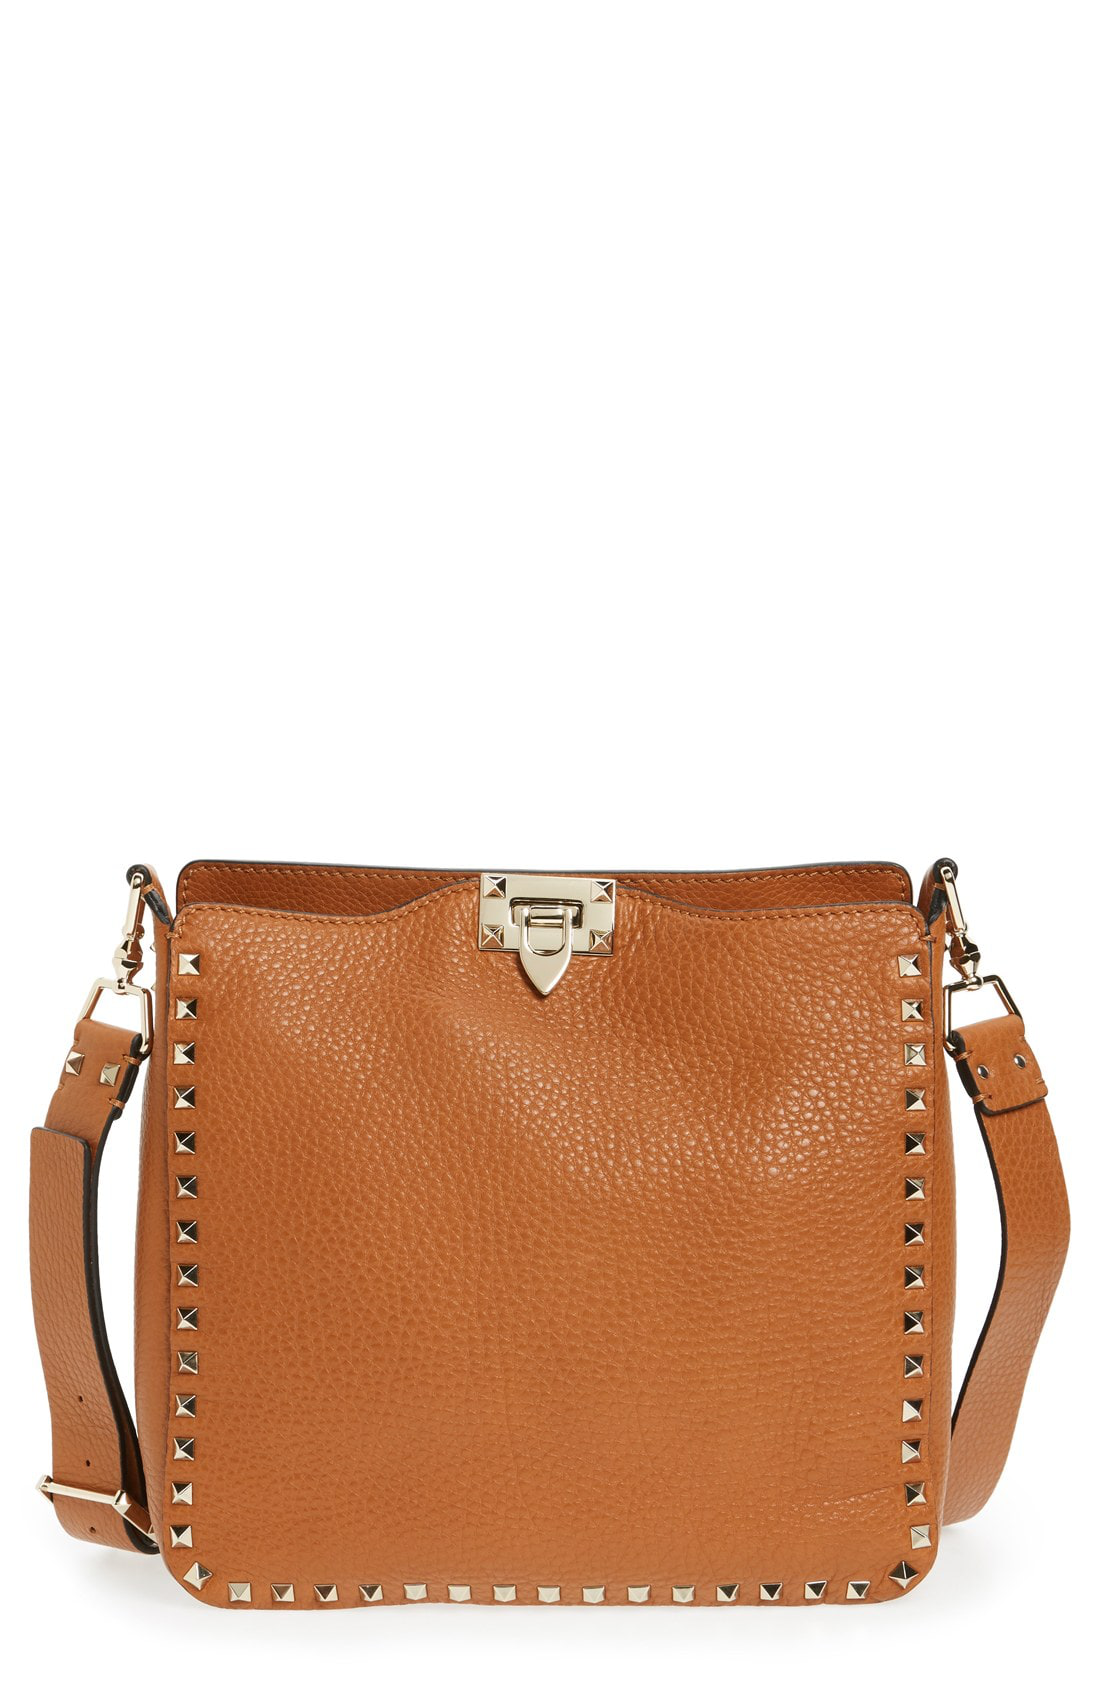 374c2d8236 Valentino Rockstud Small Flip-Lock Messenger Bag, Light Cuir In Cognac